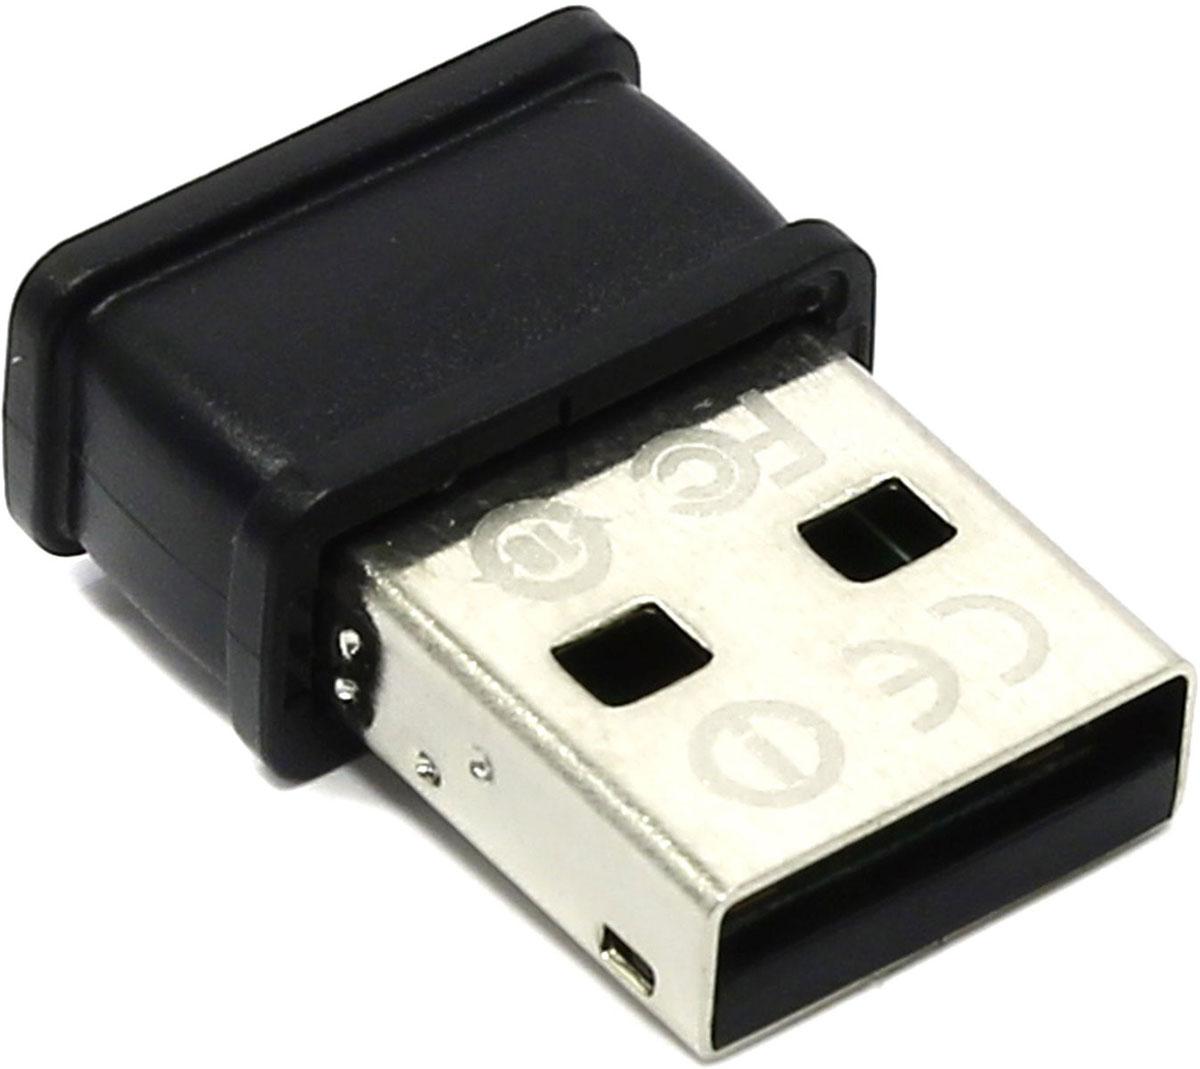 Tenda W311MI беспроводной USB-адаптер235043Совместимый с 802.11g/b устройствами, Tenda W311MI - беспроводной USB-адаптер со скоростью передачи Wi–Fi в 3 раза быстрее, чем устройства 802.11g. Этот беспроводной адаптер обладает гладким компактным дизайном, который вписывается в USB-порт вашего компьютера с минимальным выступом, что делает его идеальным для использования в поездках или переполненной рабочей зоне. Tenda W311MI соединяет настольный или портативный компьютер USB-портом к беспроводной сети для доступа к интернету и совместного работы с файлами. Пользователи ПК могут легко добавить беспроводное подключение, не имея необходимость вскрывать корпус. Пользователи ноутбуков могут легко обновить до последнего 802.11n и получить лучший диапазон. Адаптер идеален для электронной почты, просмотра веб-страниц и доступа к файлам дома.Для защиты данных и обеспечения конфиденциальности USB адаптер поддерживает стандарты шифрования WEP, WPA, WPA2 для подключения к защищенной беспроводной сети, сохраняя безопасность вашего сетевого трафика. Функция Wi-Fi Protected Setup (WPS) позволяет устройствам легко установить безопасное соединение с точкой доступа или беспроводныым маршрутизатором, устраняя необходимость в запоминании сложных паролей шифрования.